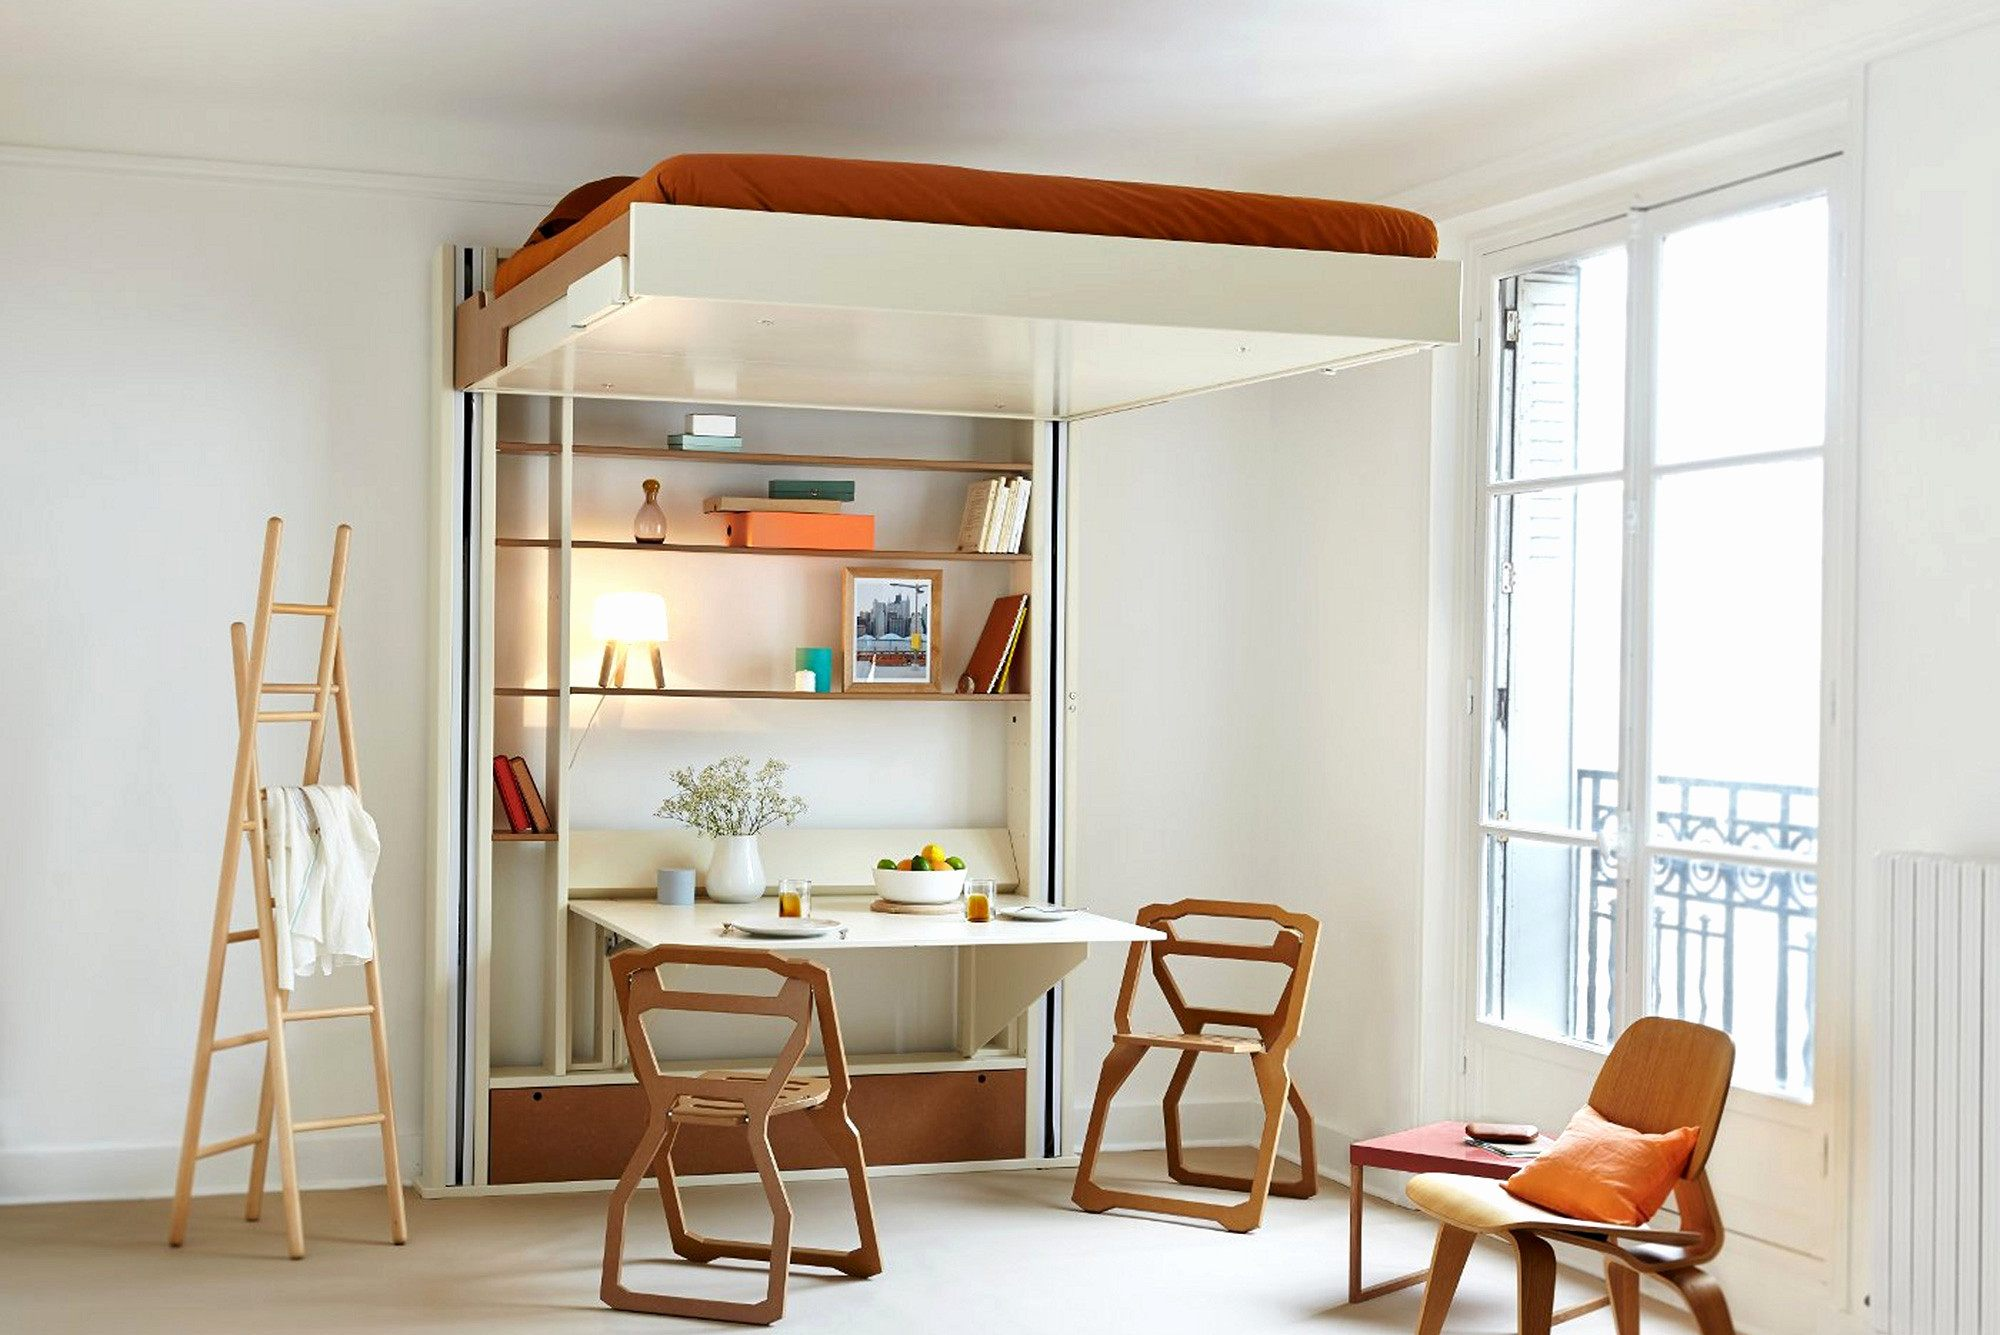 Lit Suspendu Ikea Élégant Beau Lit Suspendu Ikea Beau Graphie Lits Escamotables Ikea Unique